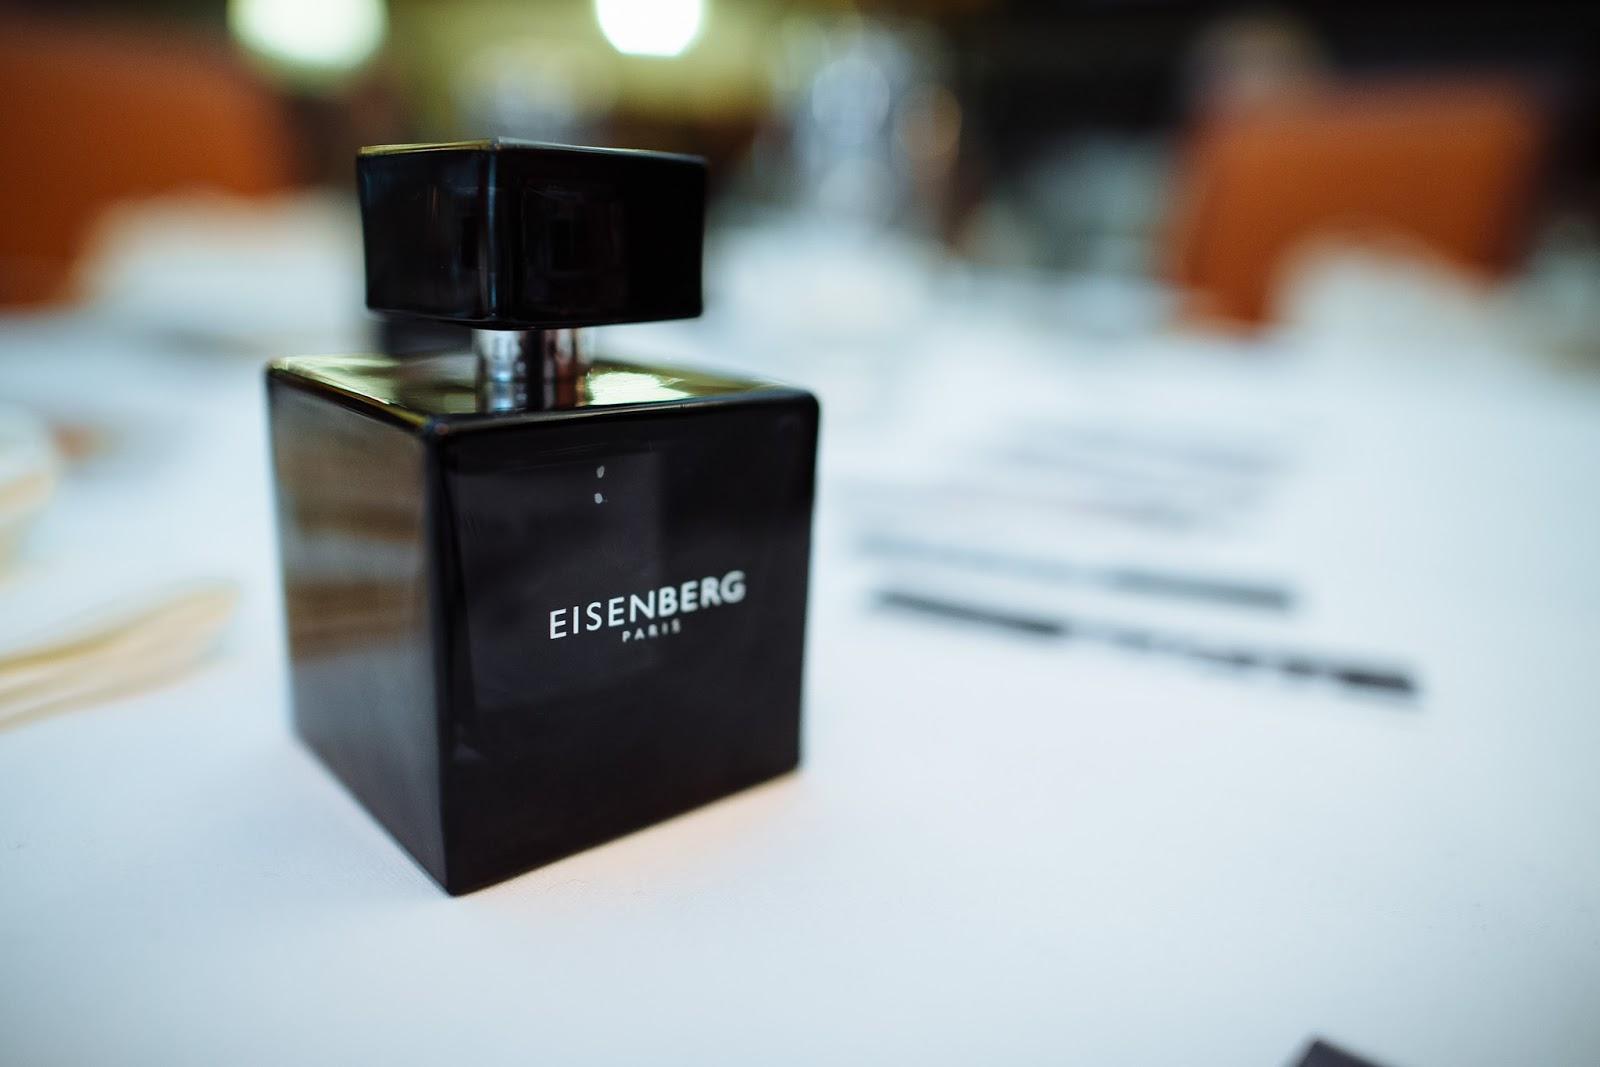 Презентация бренда Eisenberg, ресторан Монако, Жан-Люк Троноьон, косметика из Монако